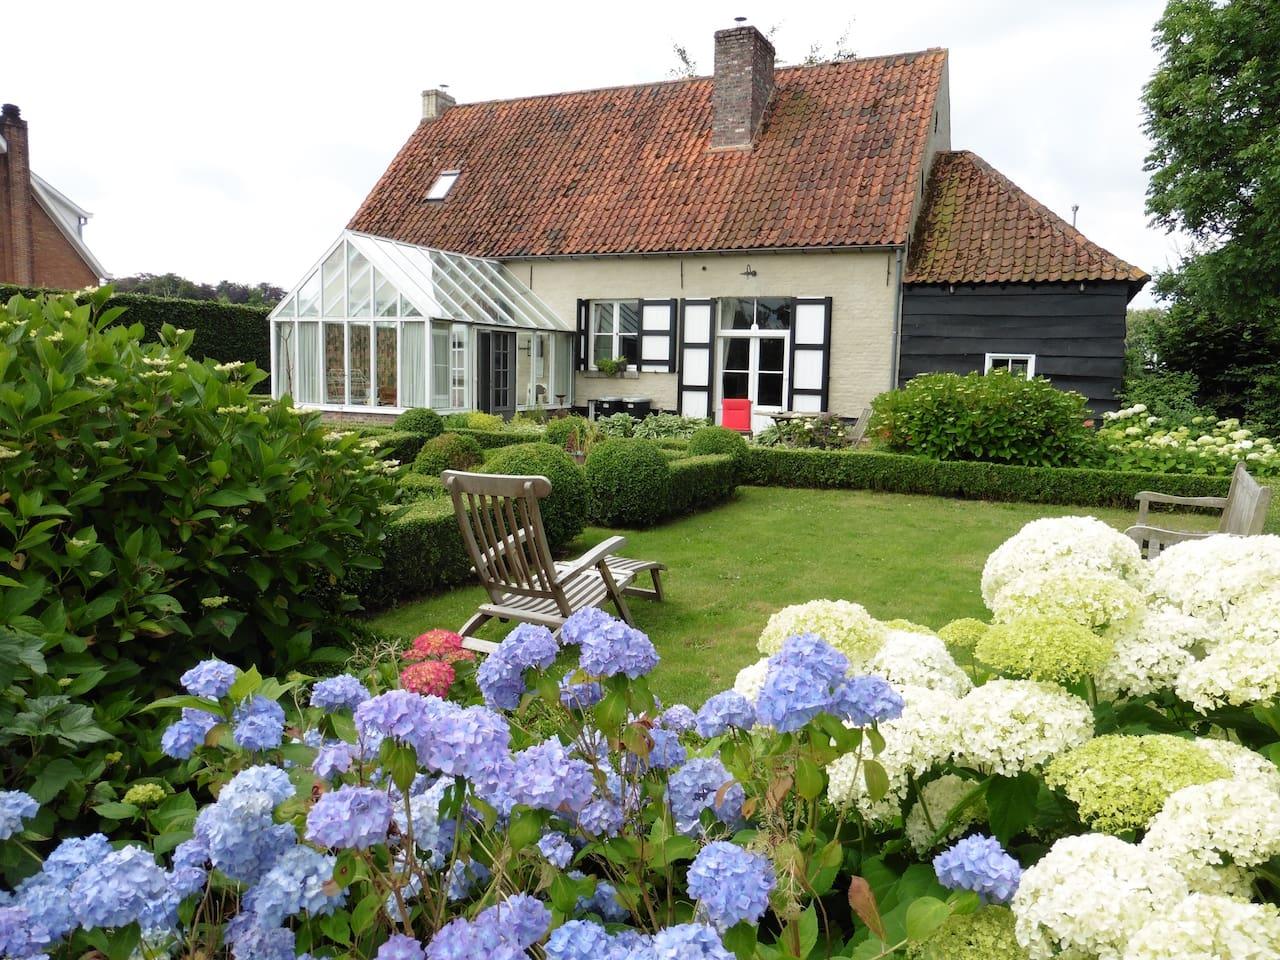 Zicht op het huis en de tuin